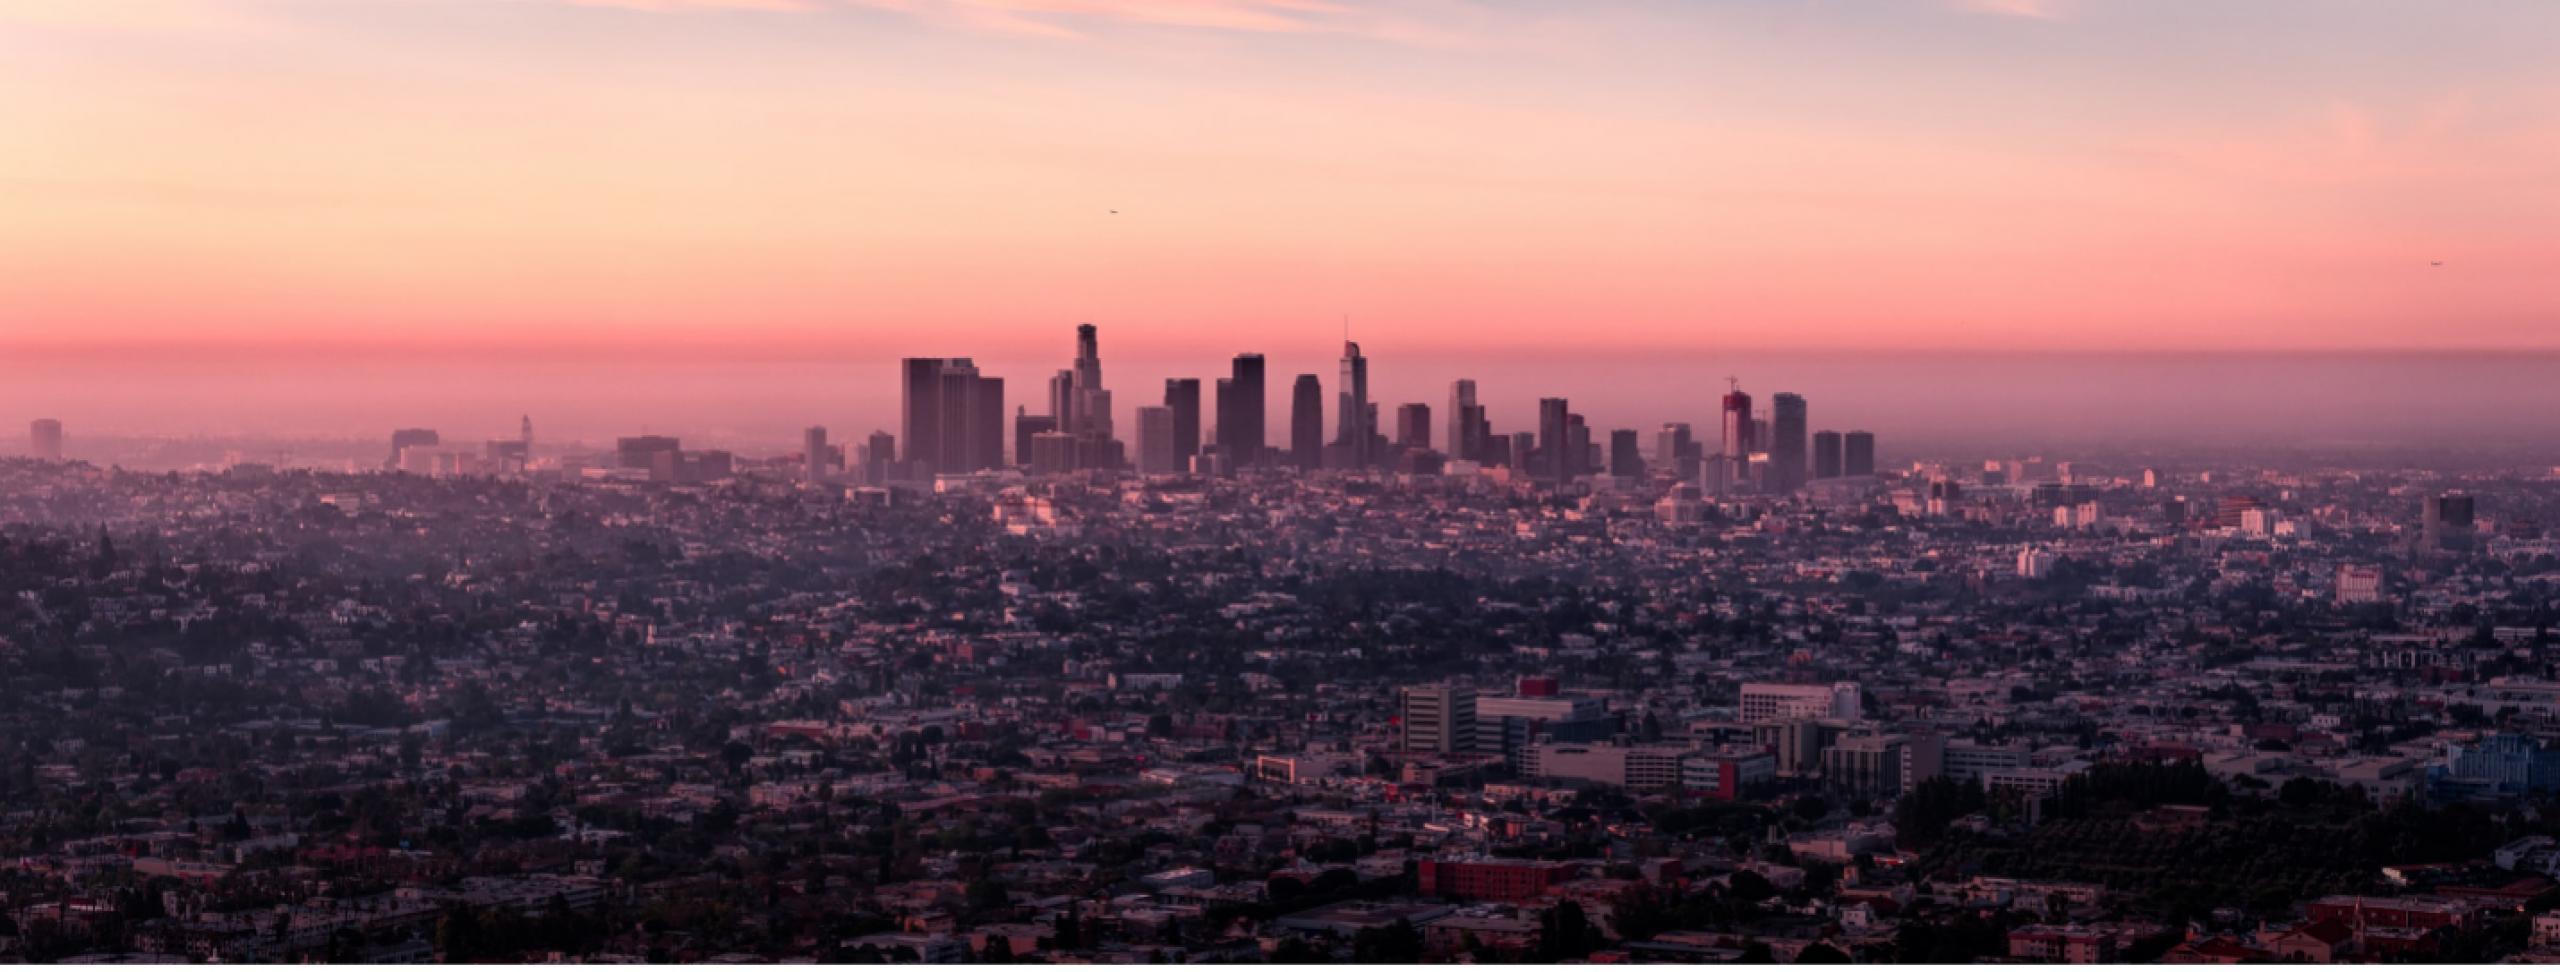 Photo of a hazy sunrise behind the LA landscape.